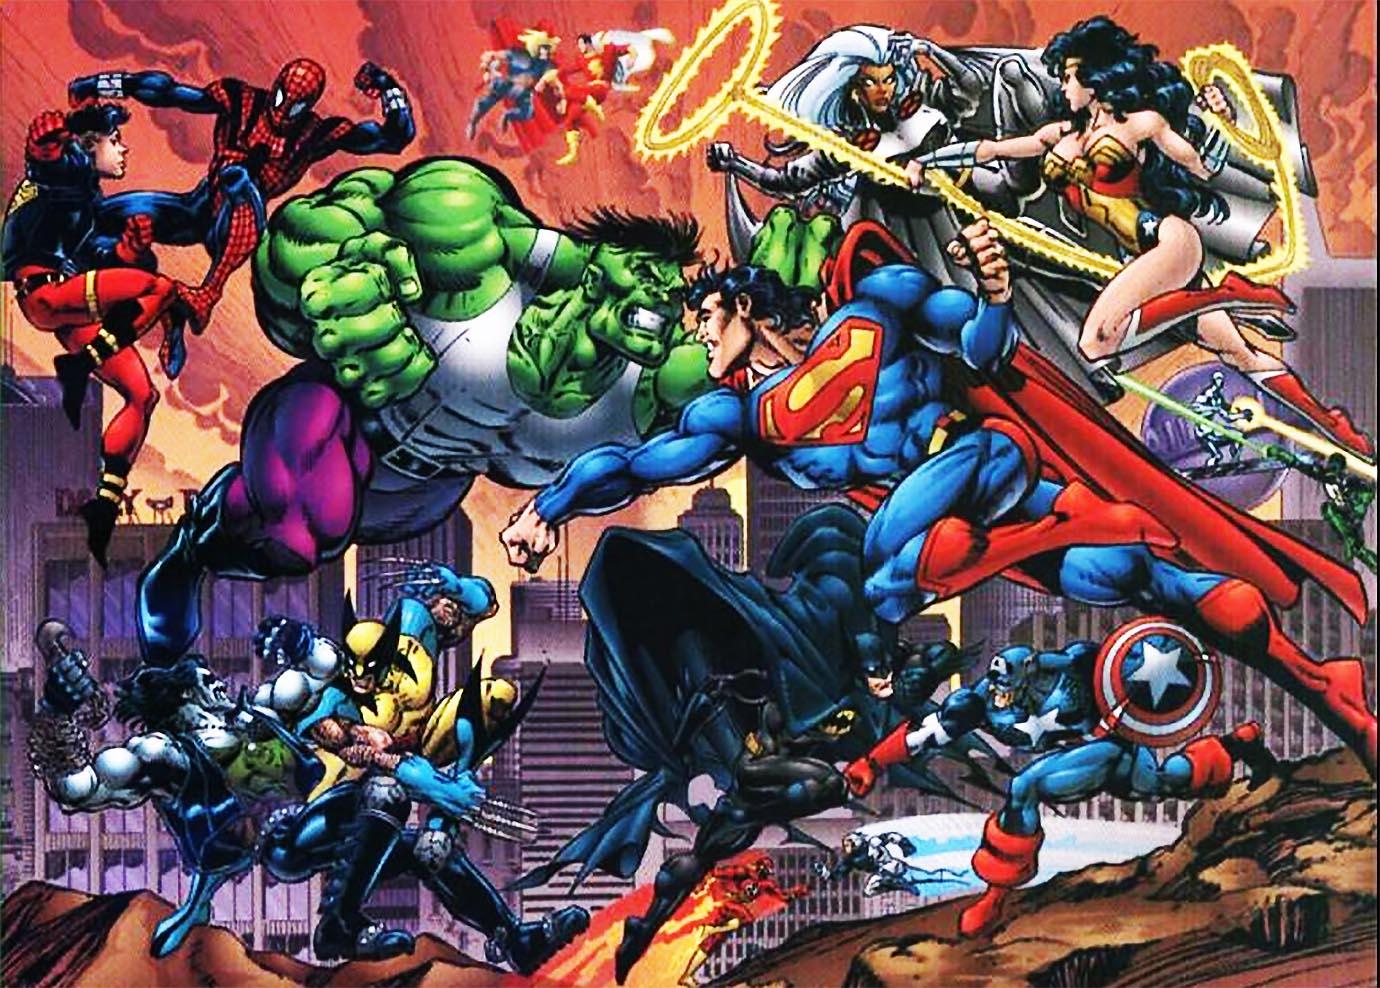 ジェームズ・ガン監督、マーベル&DCのクロスオーバーの可能性を語る ー 「不可能でもない」